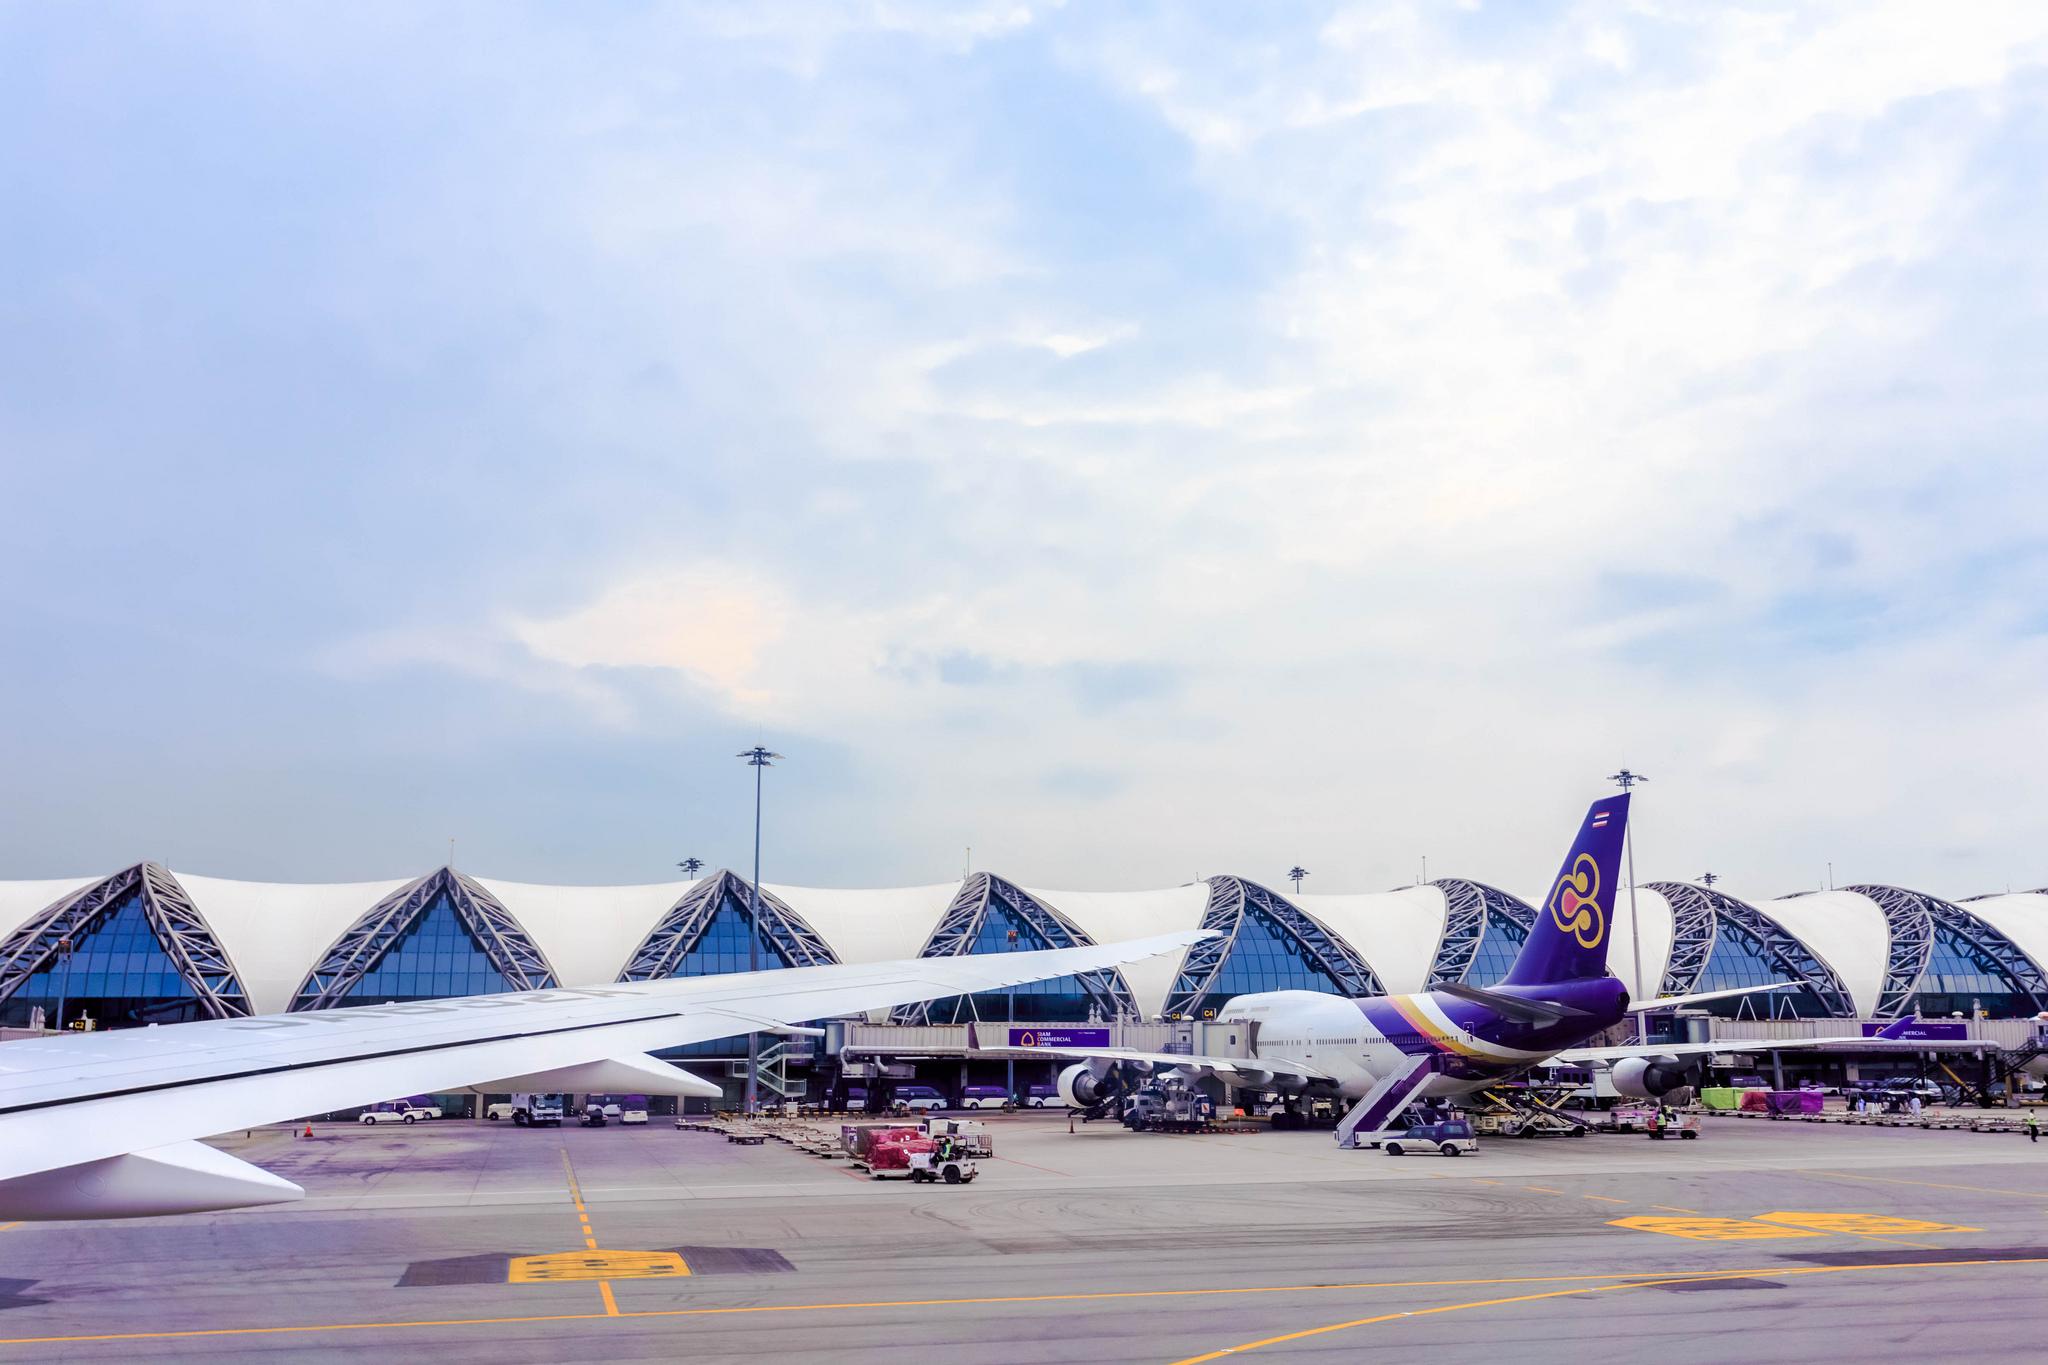 Airports of Thailand prévoit un budget de 4,3 milliards de dollars pour une nouvelle phase d'agrandissement de l'aéroport Suvarnabhumi de Bangkok